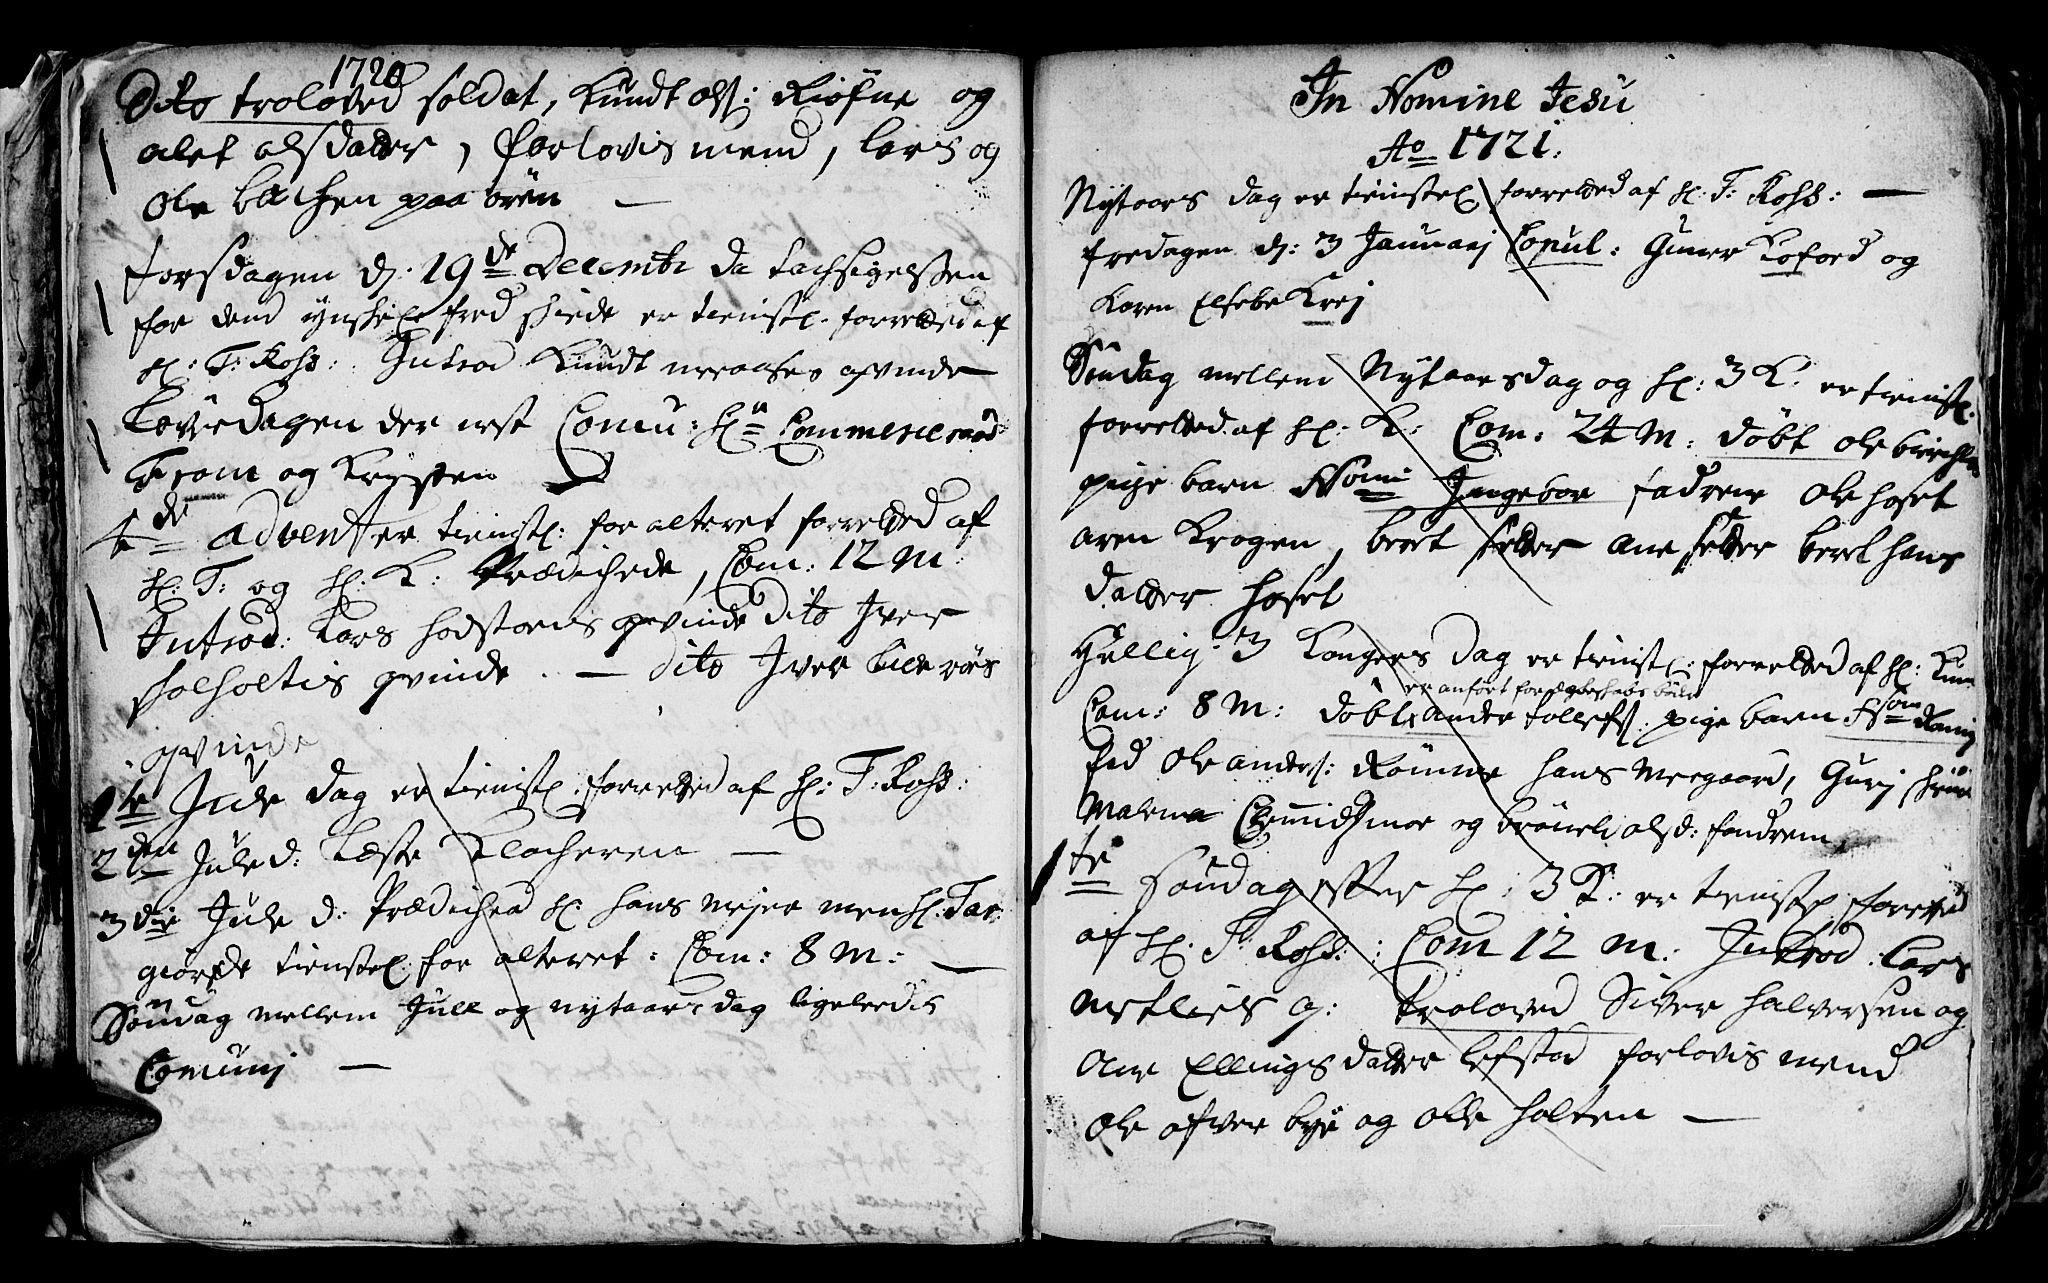 SAT, Ministerialprotokoller, klokkerbøker og fødselsregistre - Sør-Trøndelag, 668/L0812: Klokkerbok nr. 668C01, 1715-1742